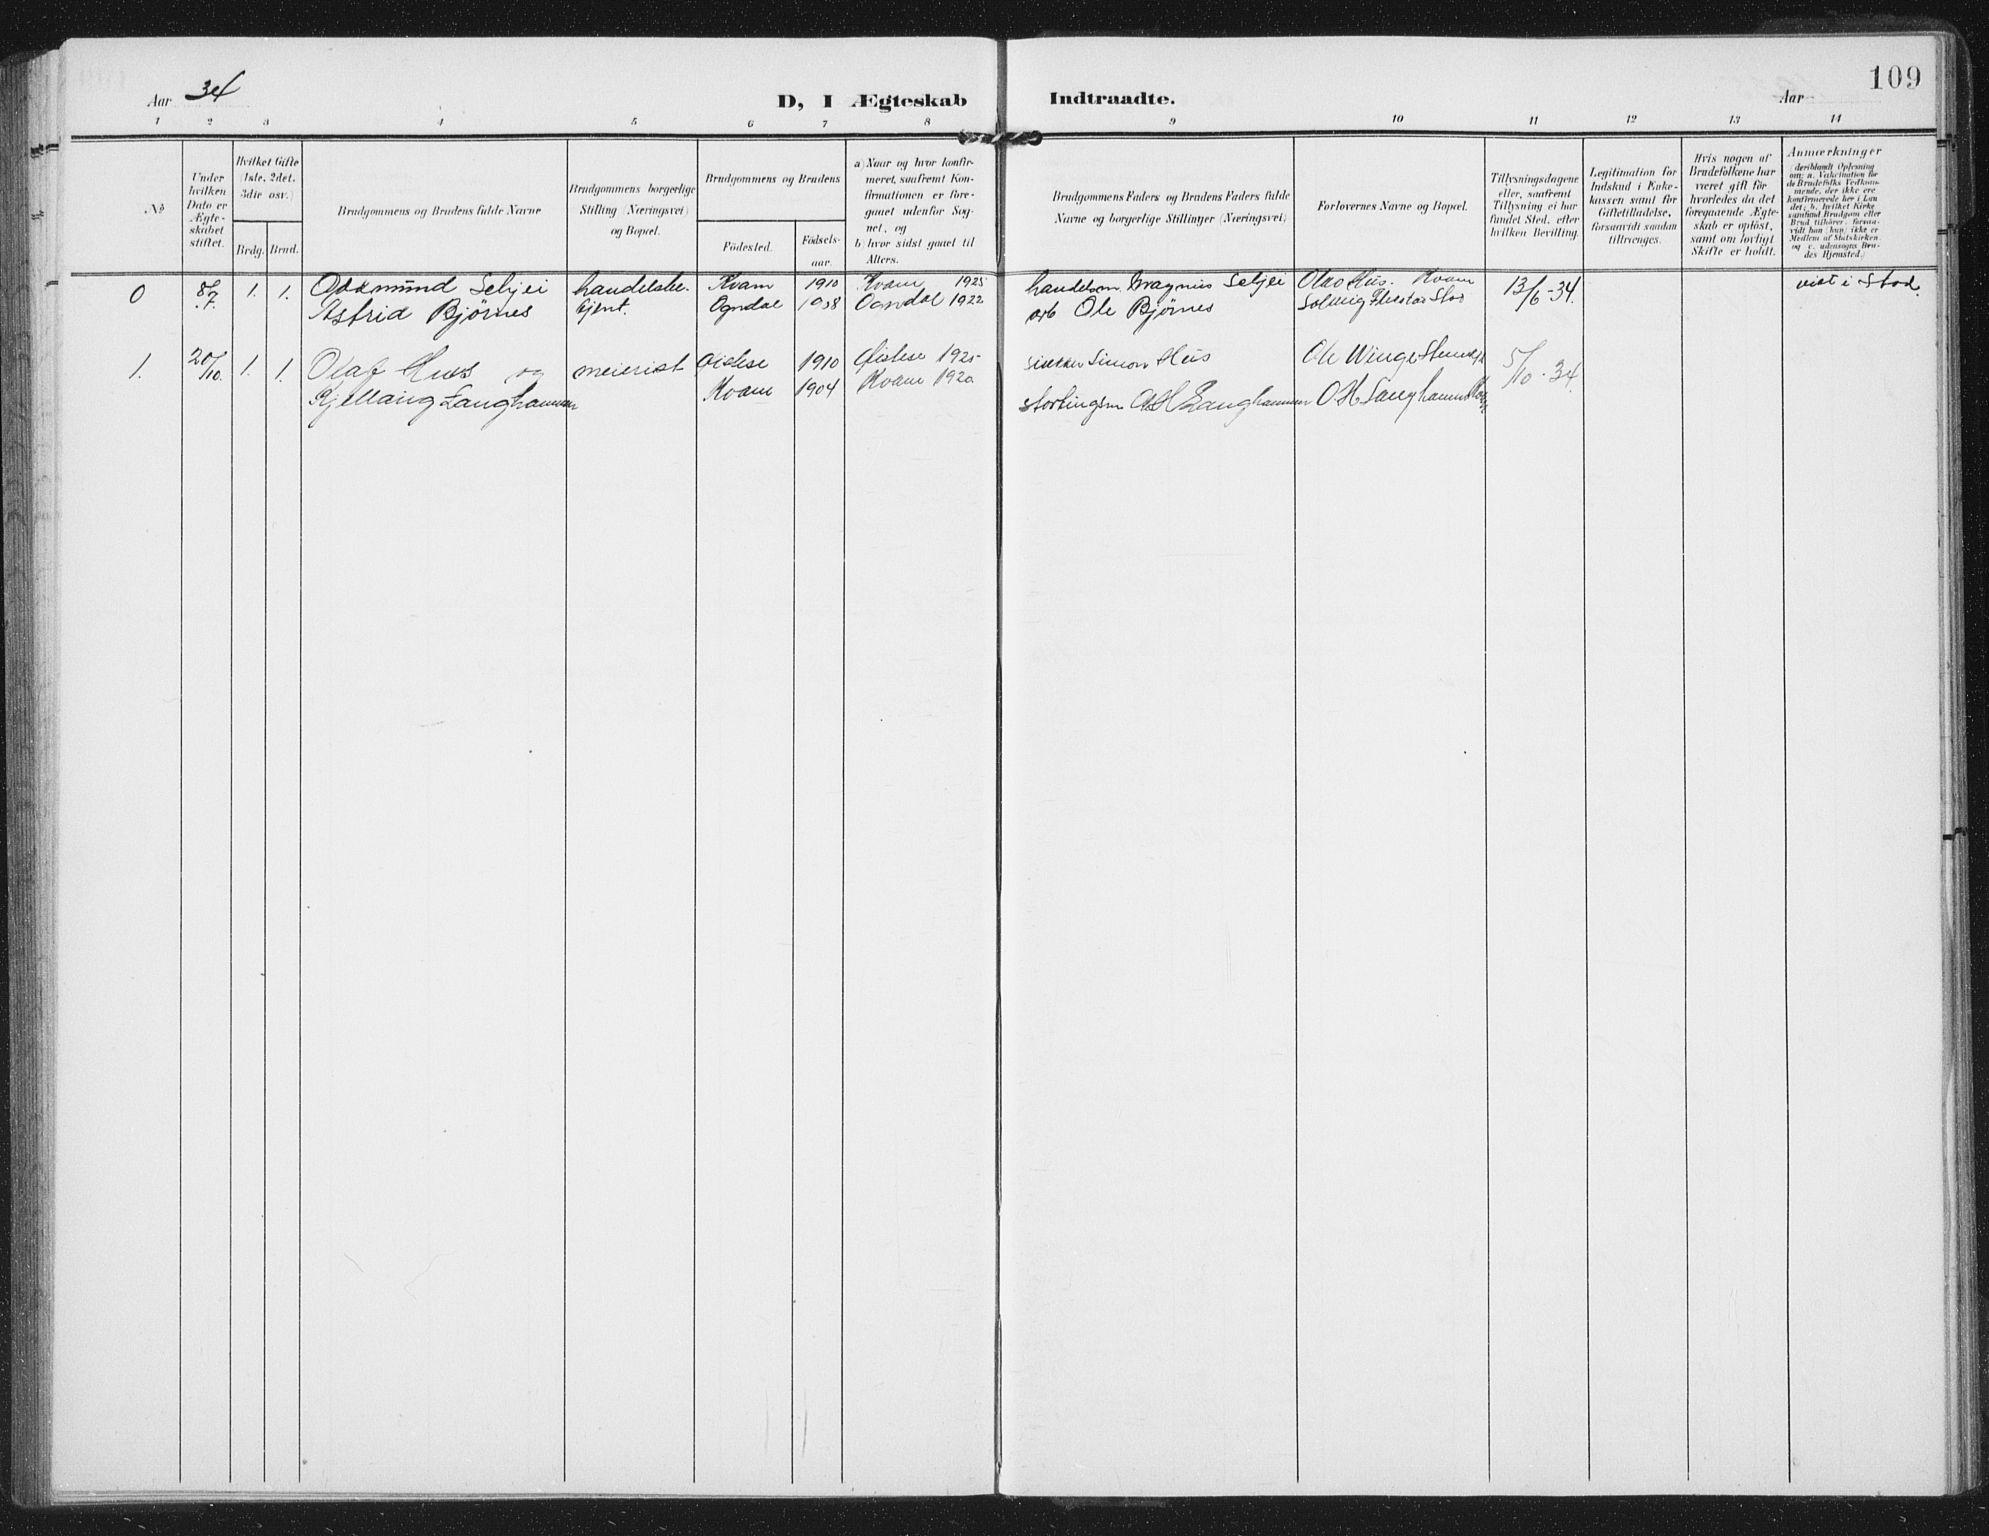 SAT, Ministerialprotokoller, klokkerbøker og fødselsregistre - Nord-Trøndelag, 747/L0460: Klokkerbok nr. 747C02, 1908-1939, s. 109